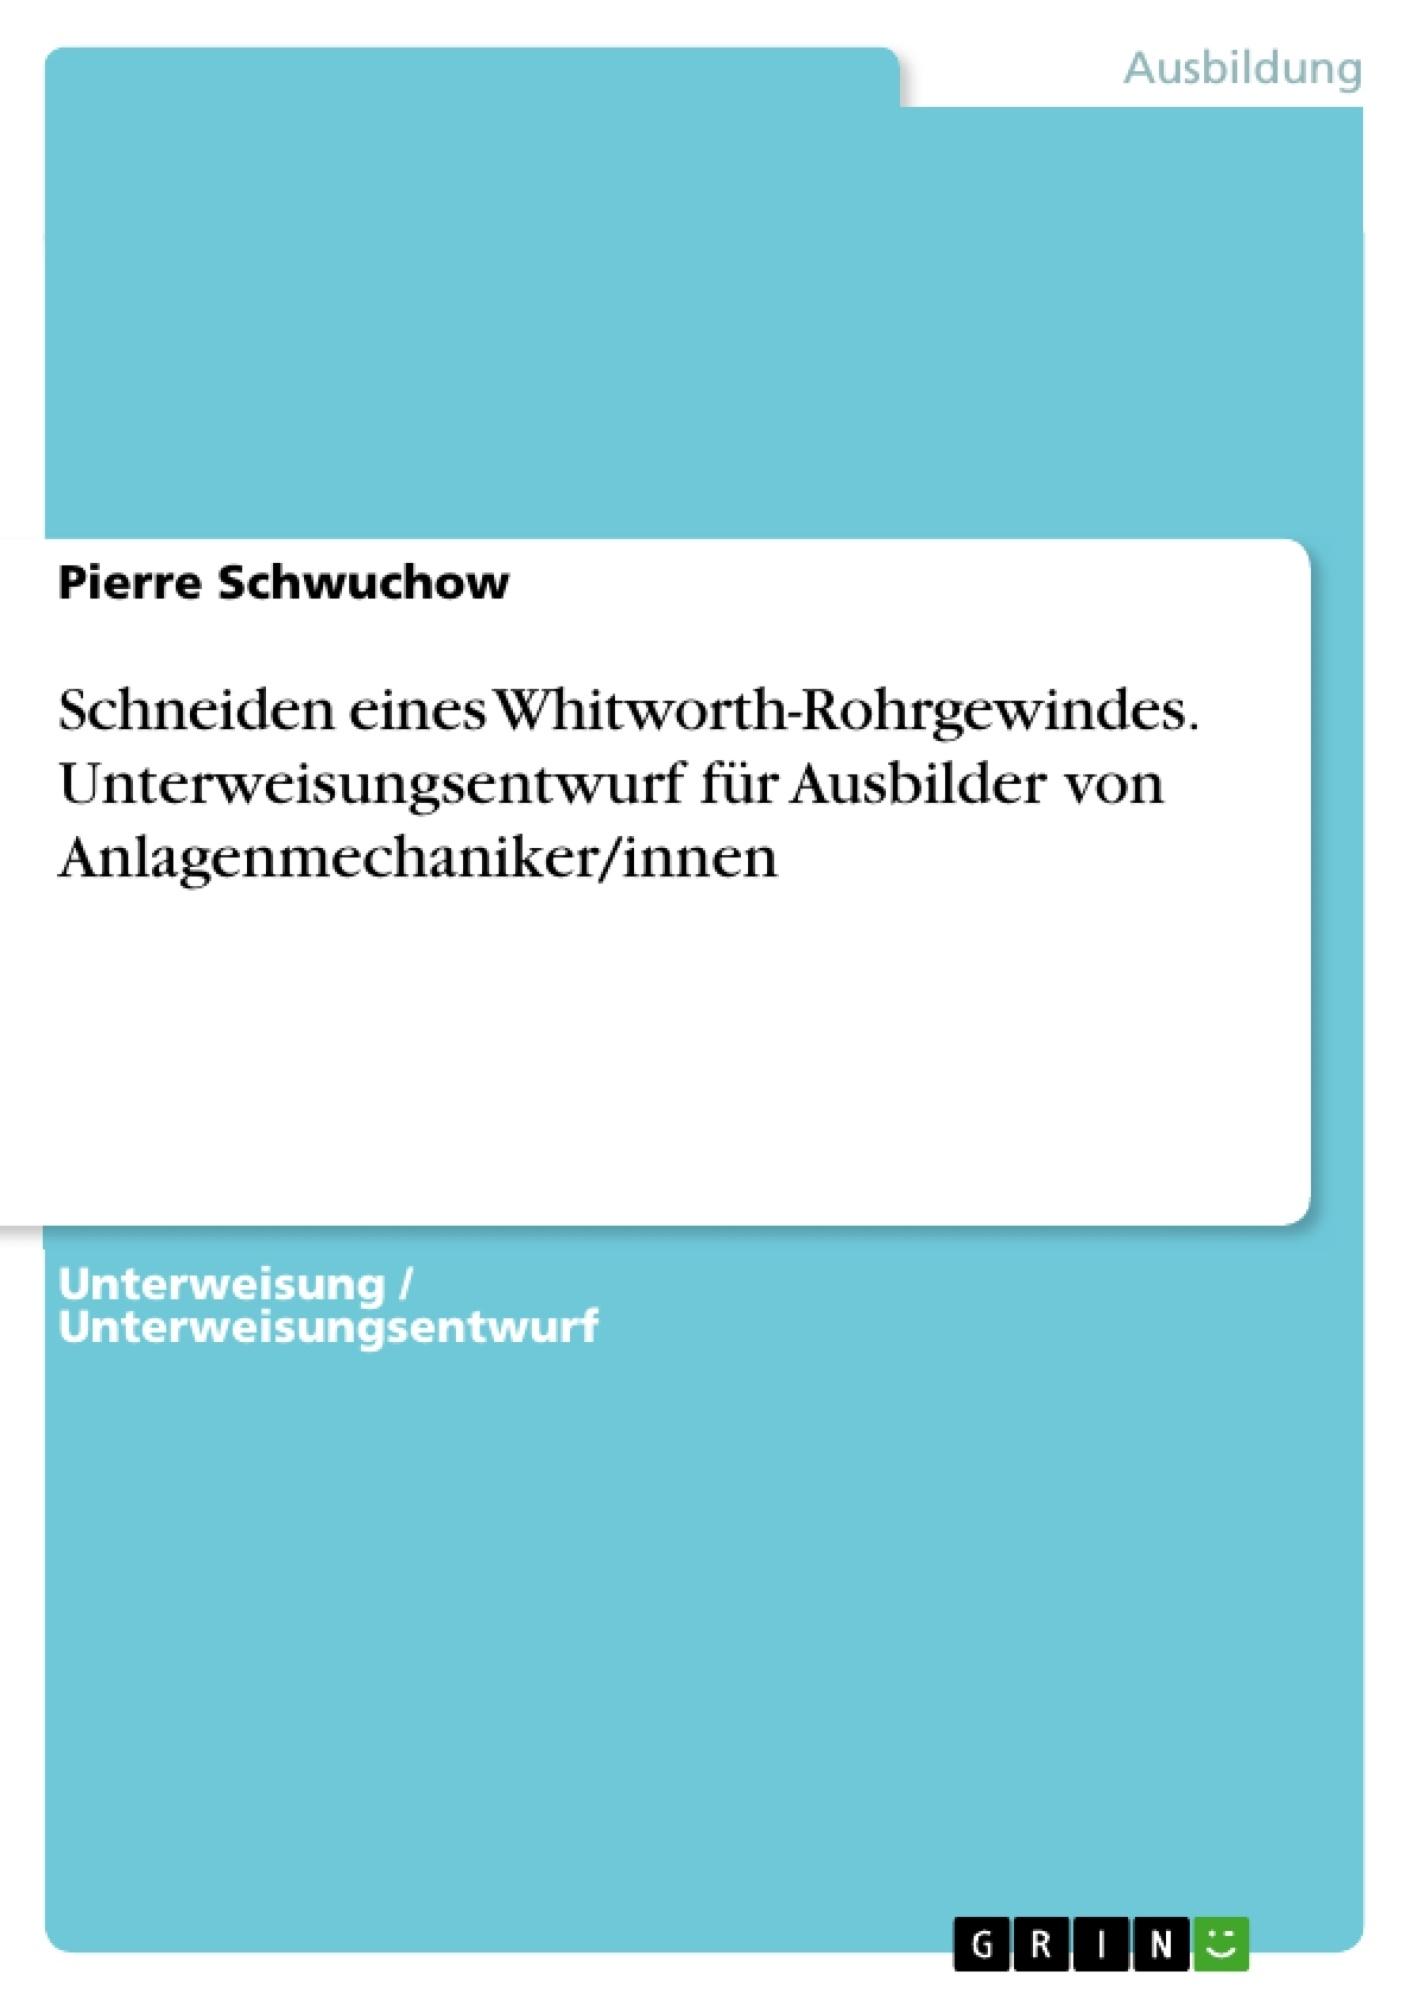 Titel: Schneiden eines Whitworth-Rohrgewindes. Unterweisungsentwurf für Ausbilder von Anlagenmechaniker/innen